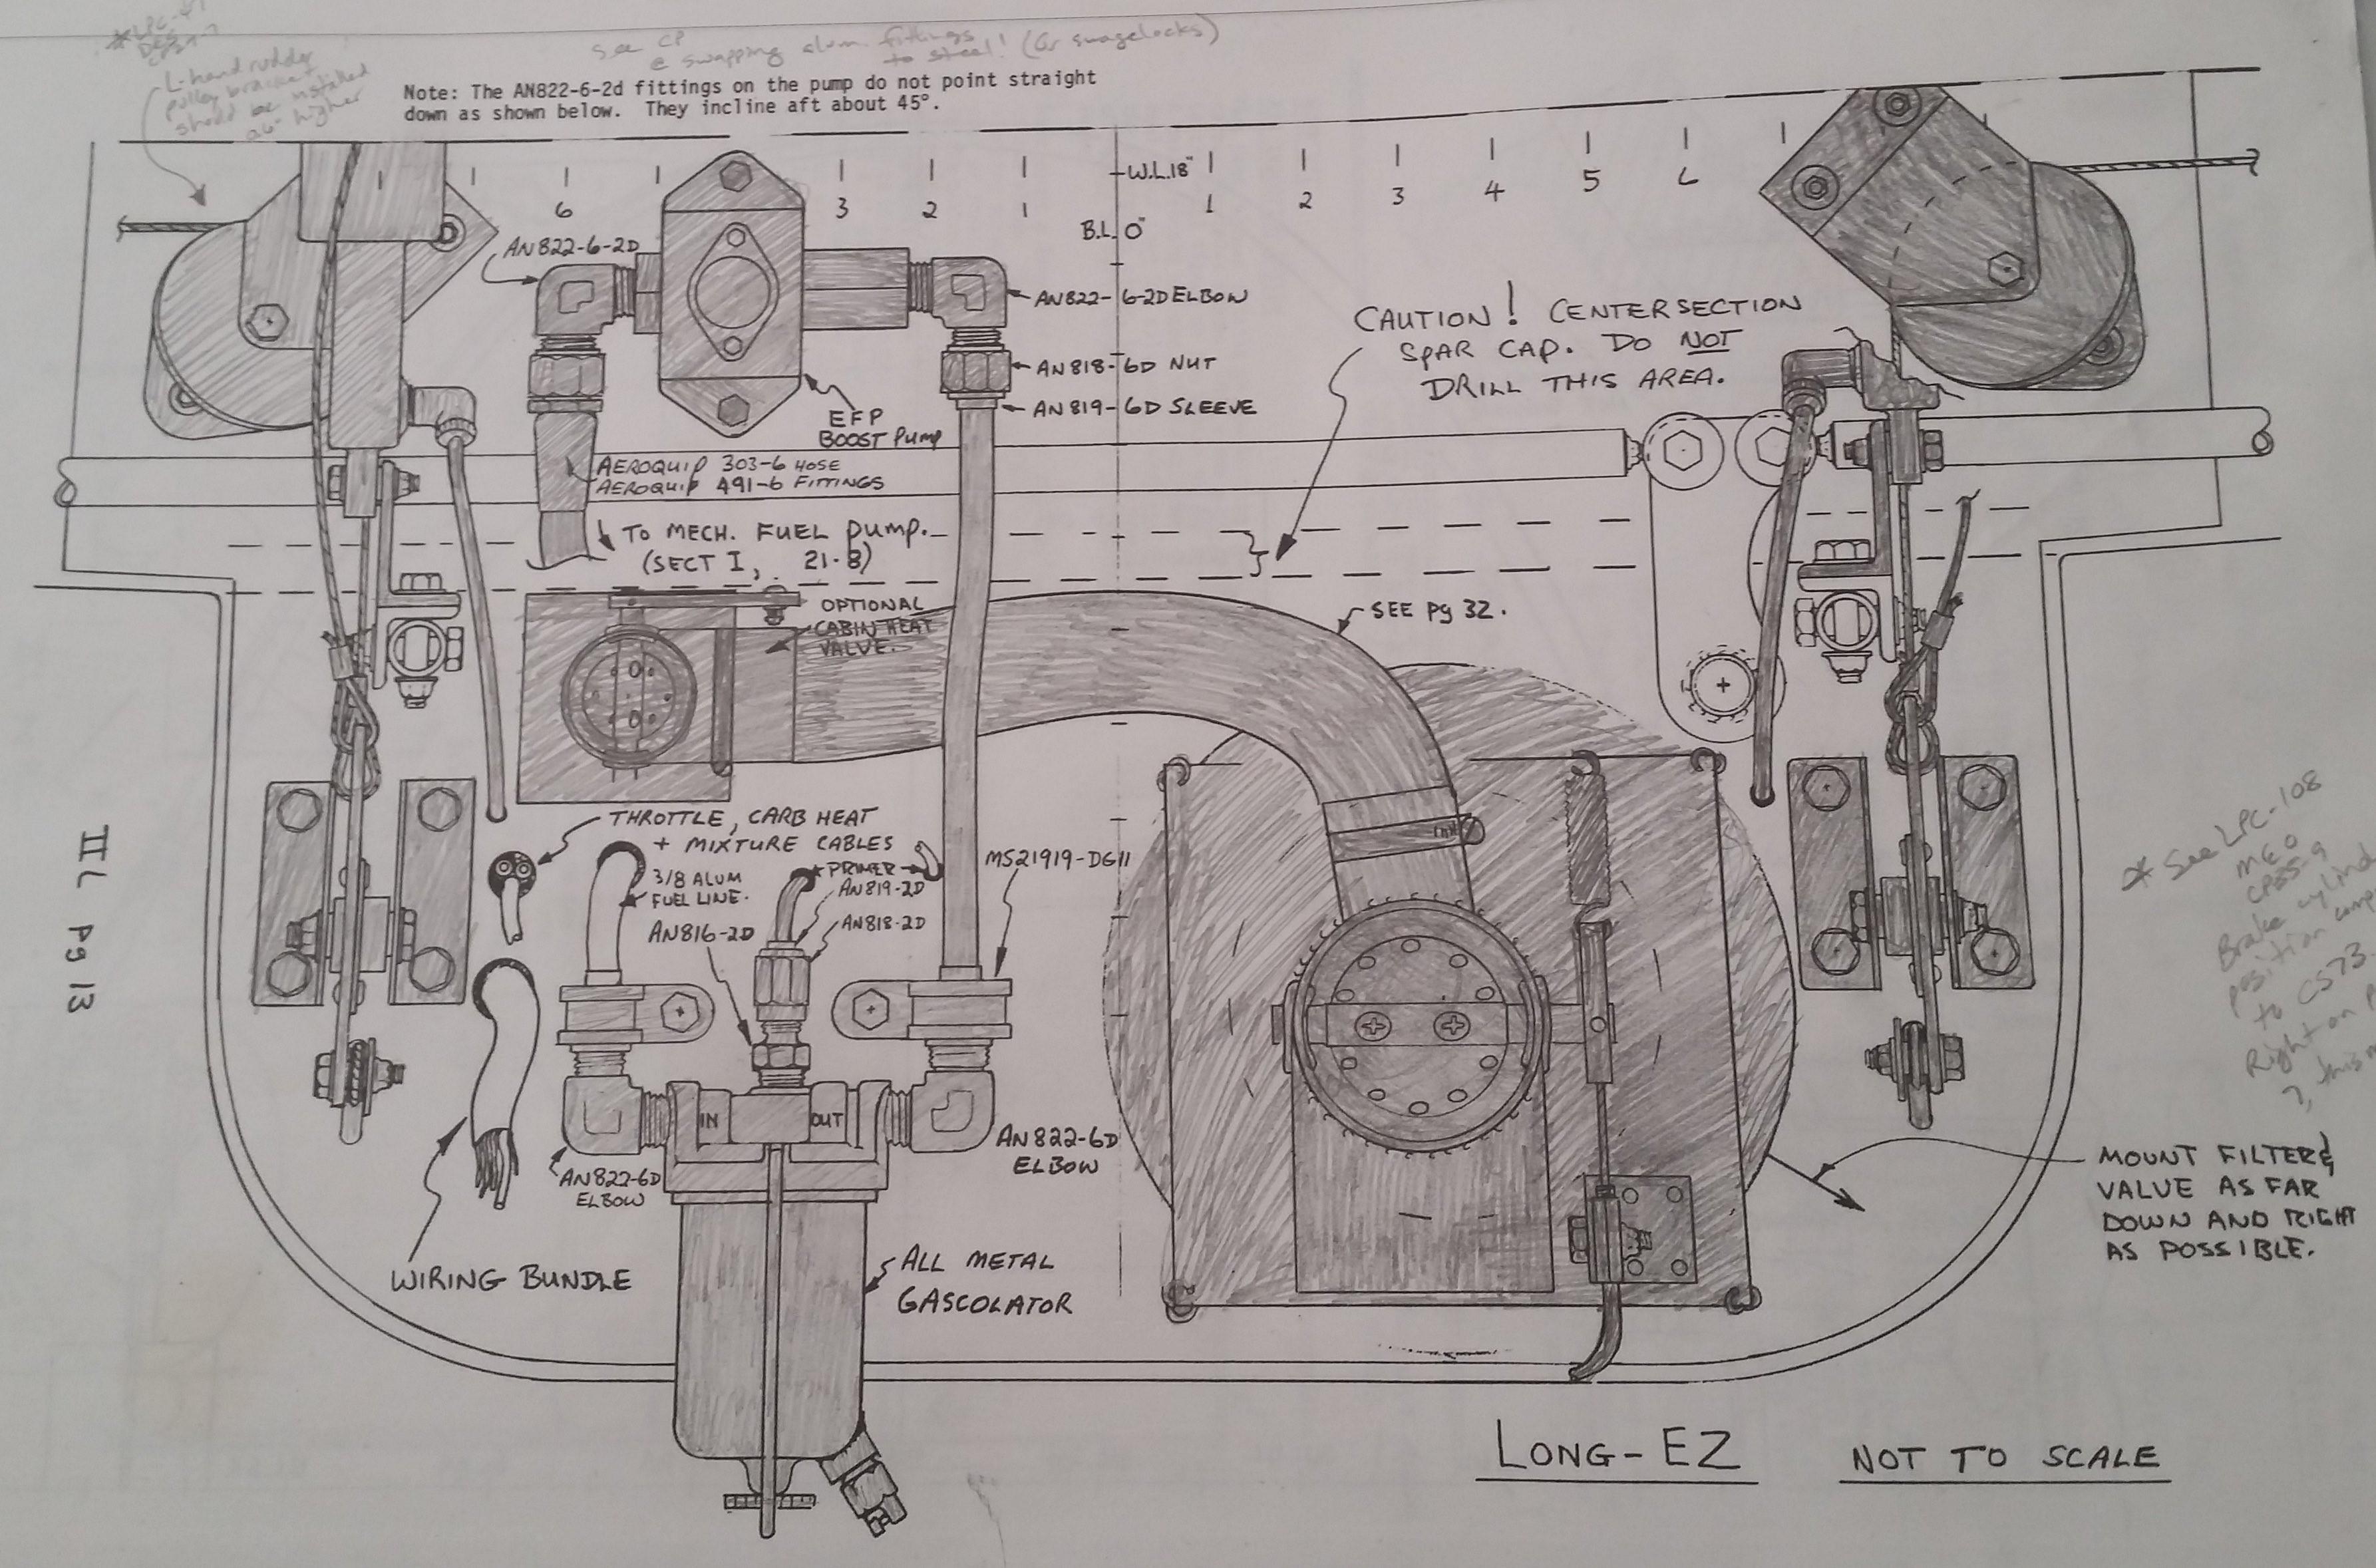 Cb650 Wiring Diagram Long Ez Wiring Diagram Of Cb650 Wiring Diagram